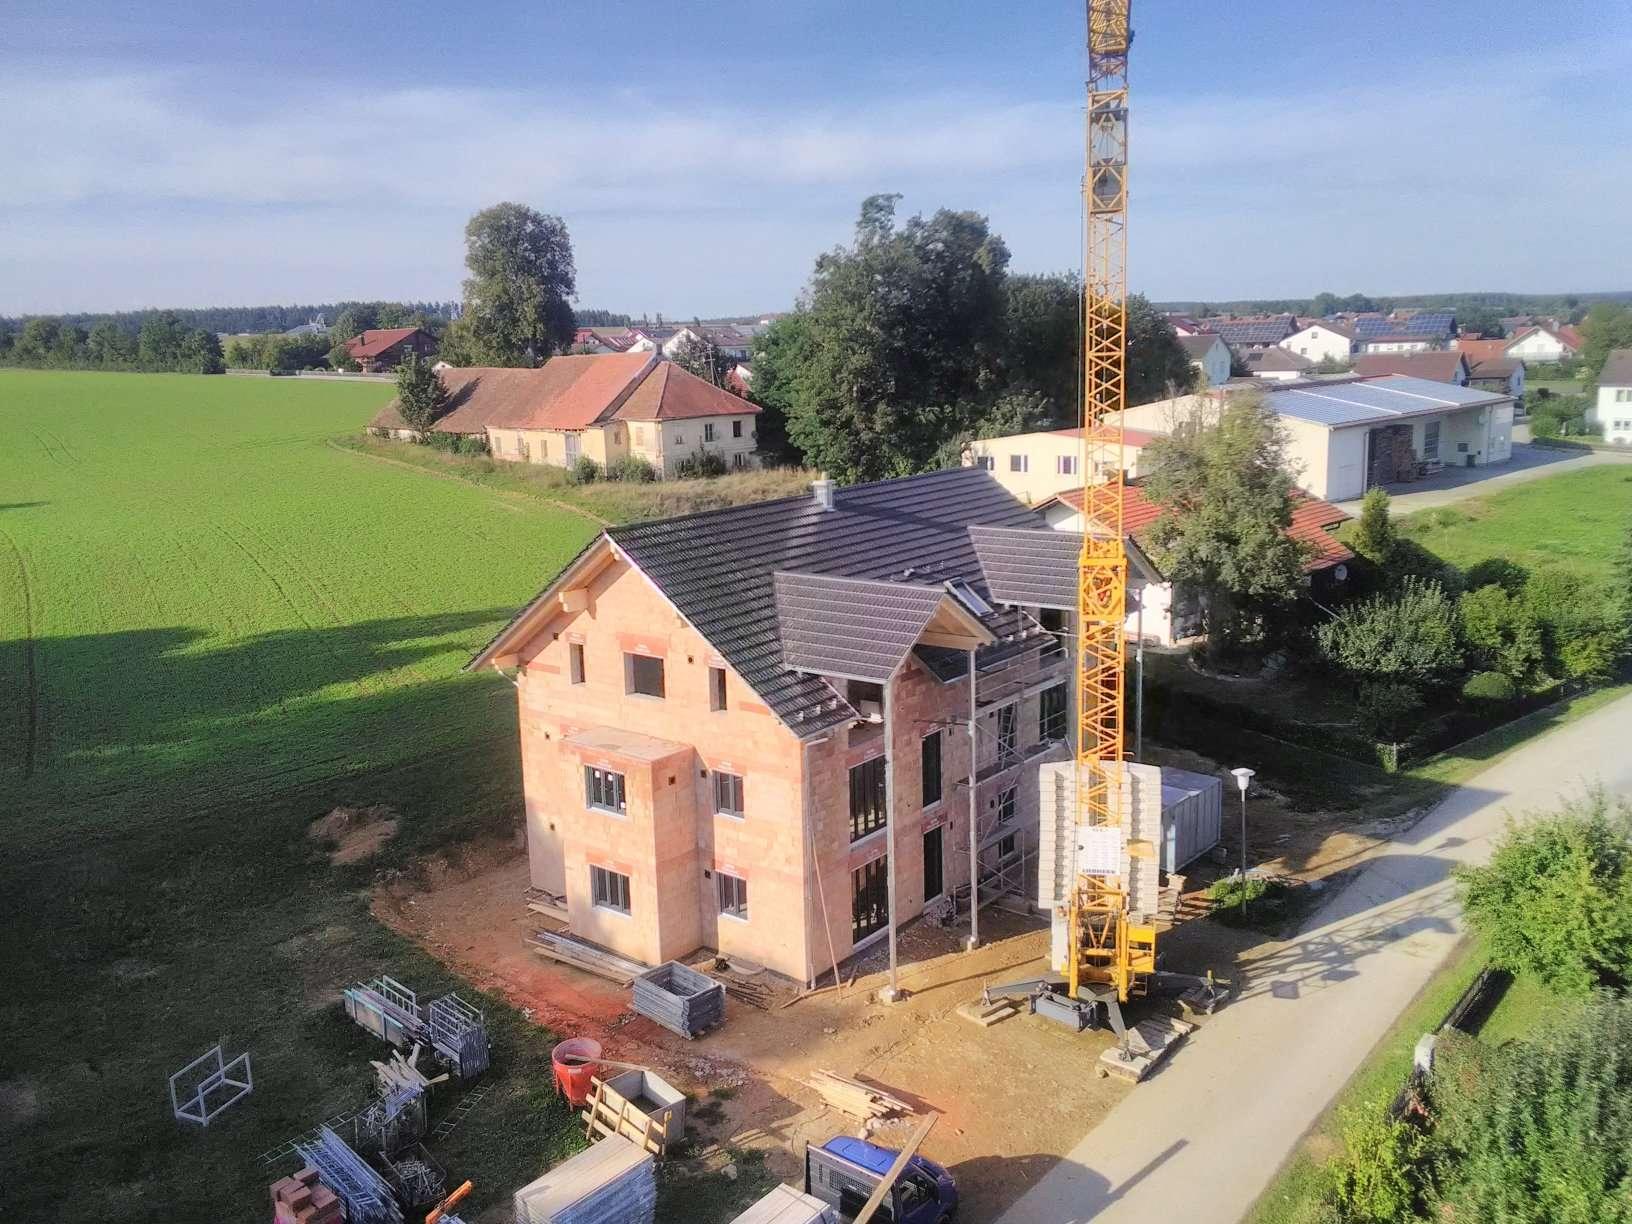 AHAM - Neubau 3 Zimmer Wohnung mit Stellplatz+Carport, moderne Holzfliesen, Abstellraum u. v. m. in